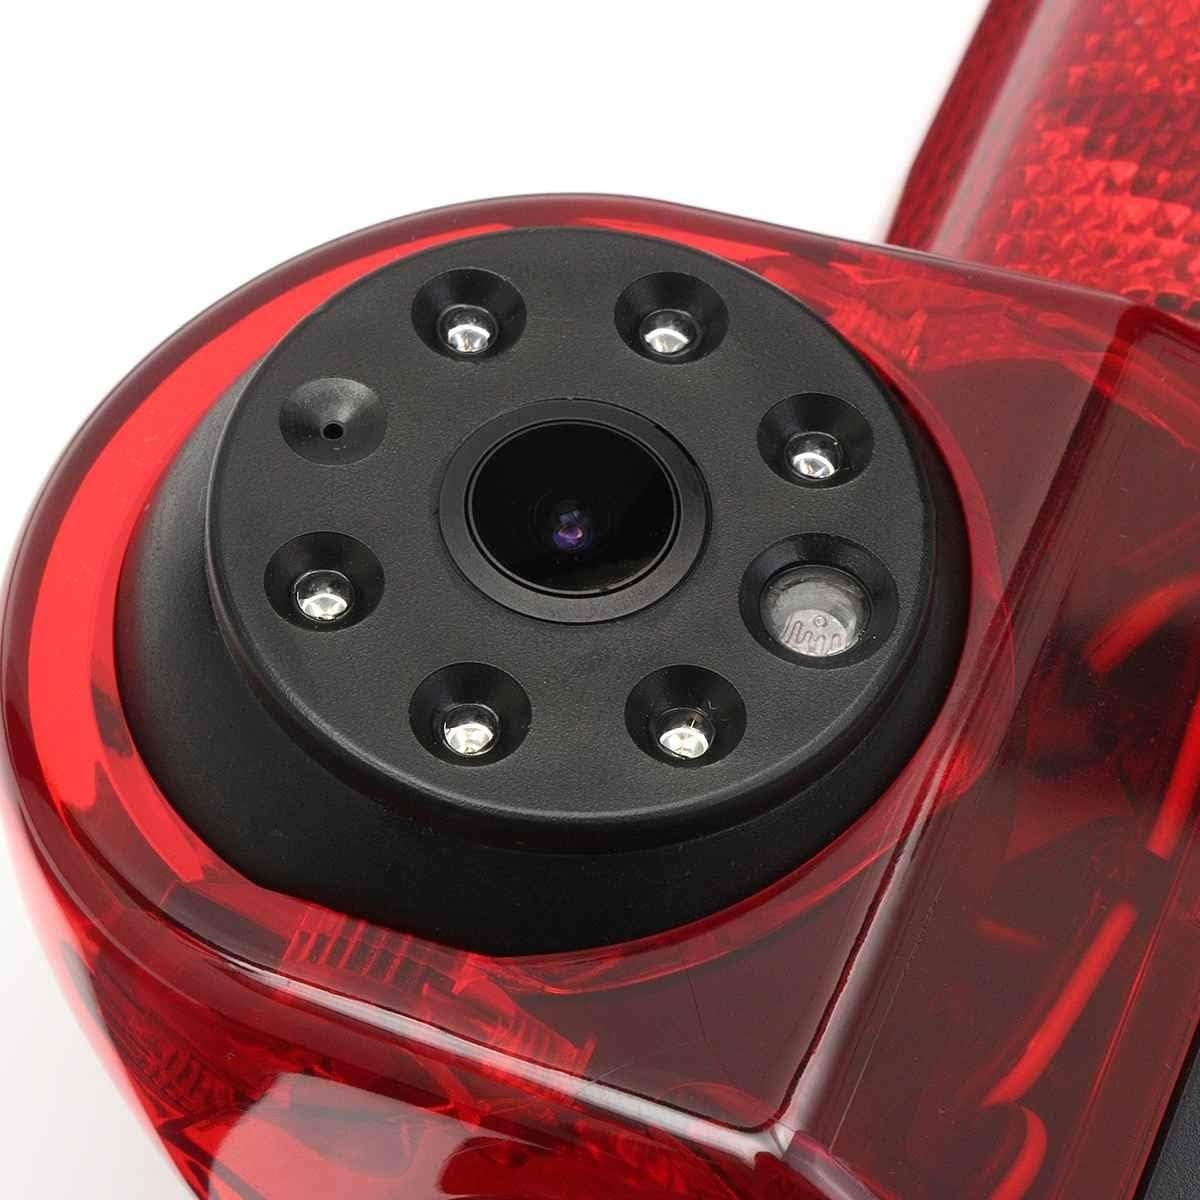 HD 720p Vision Nocturne Imperm/éable 170/° Cam/éras de recul Troisi/ème feu Stop en Remplacement de la Lampe darr/êt pour Fiat Ducato Citroen Relay Citroen Jumper Peugeot Boxer 06-19